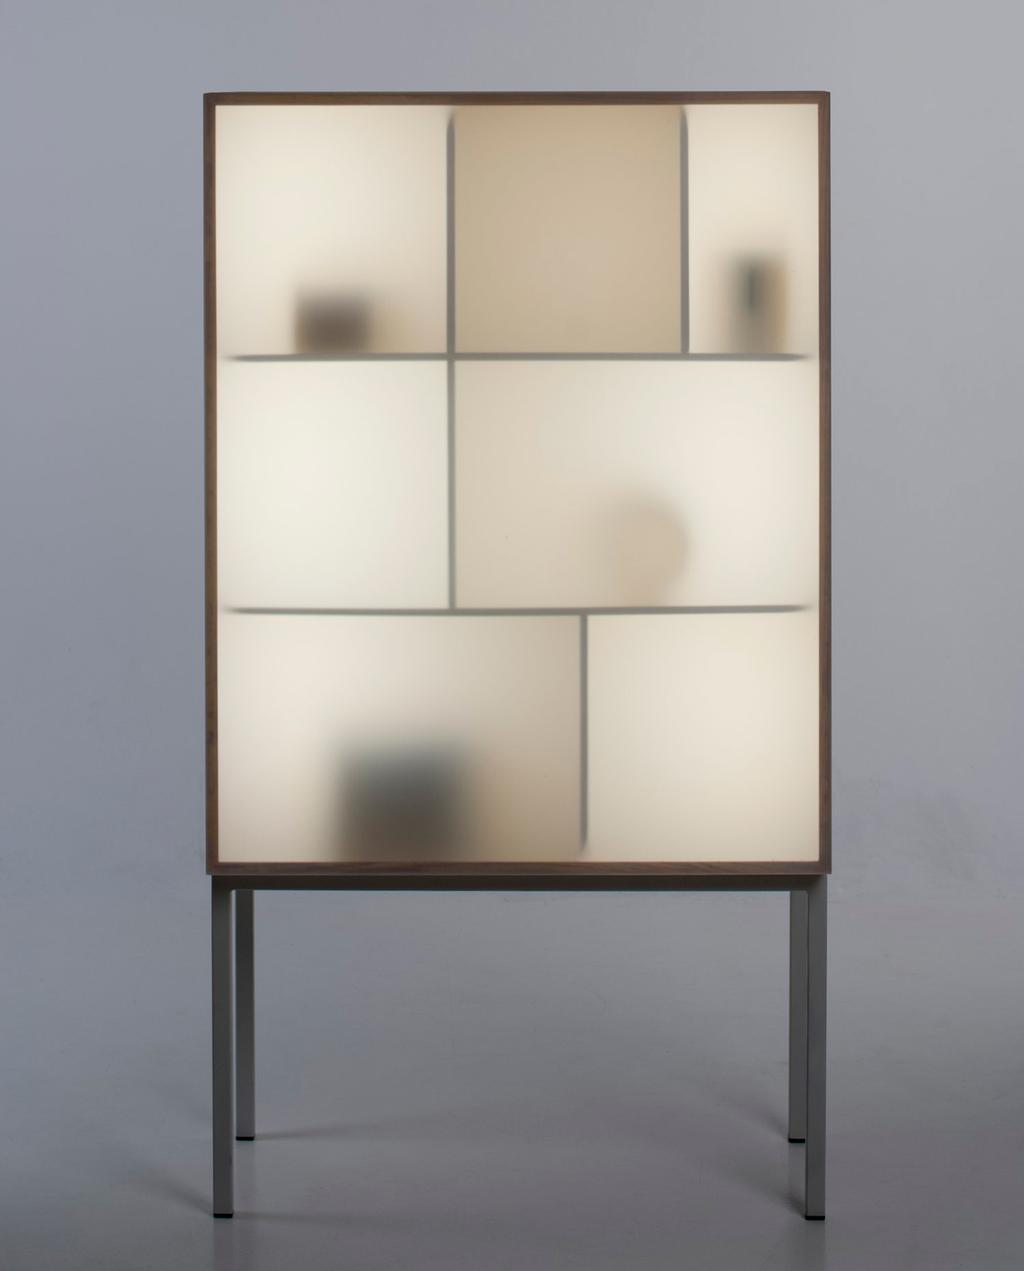 vtwonen studentdesign | scandinavisch vitrinekastje met plexiglas deur